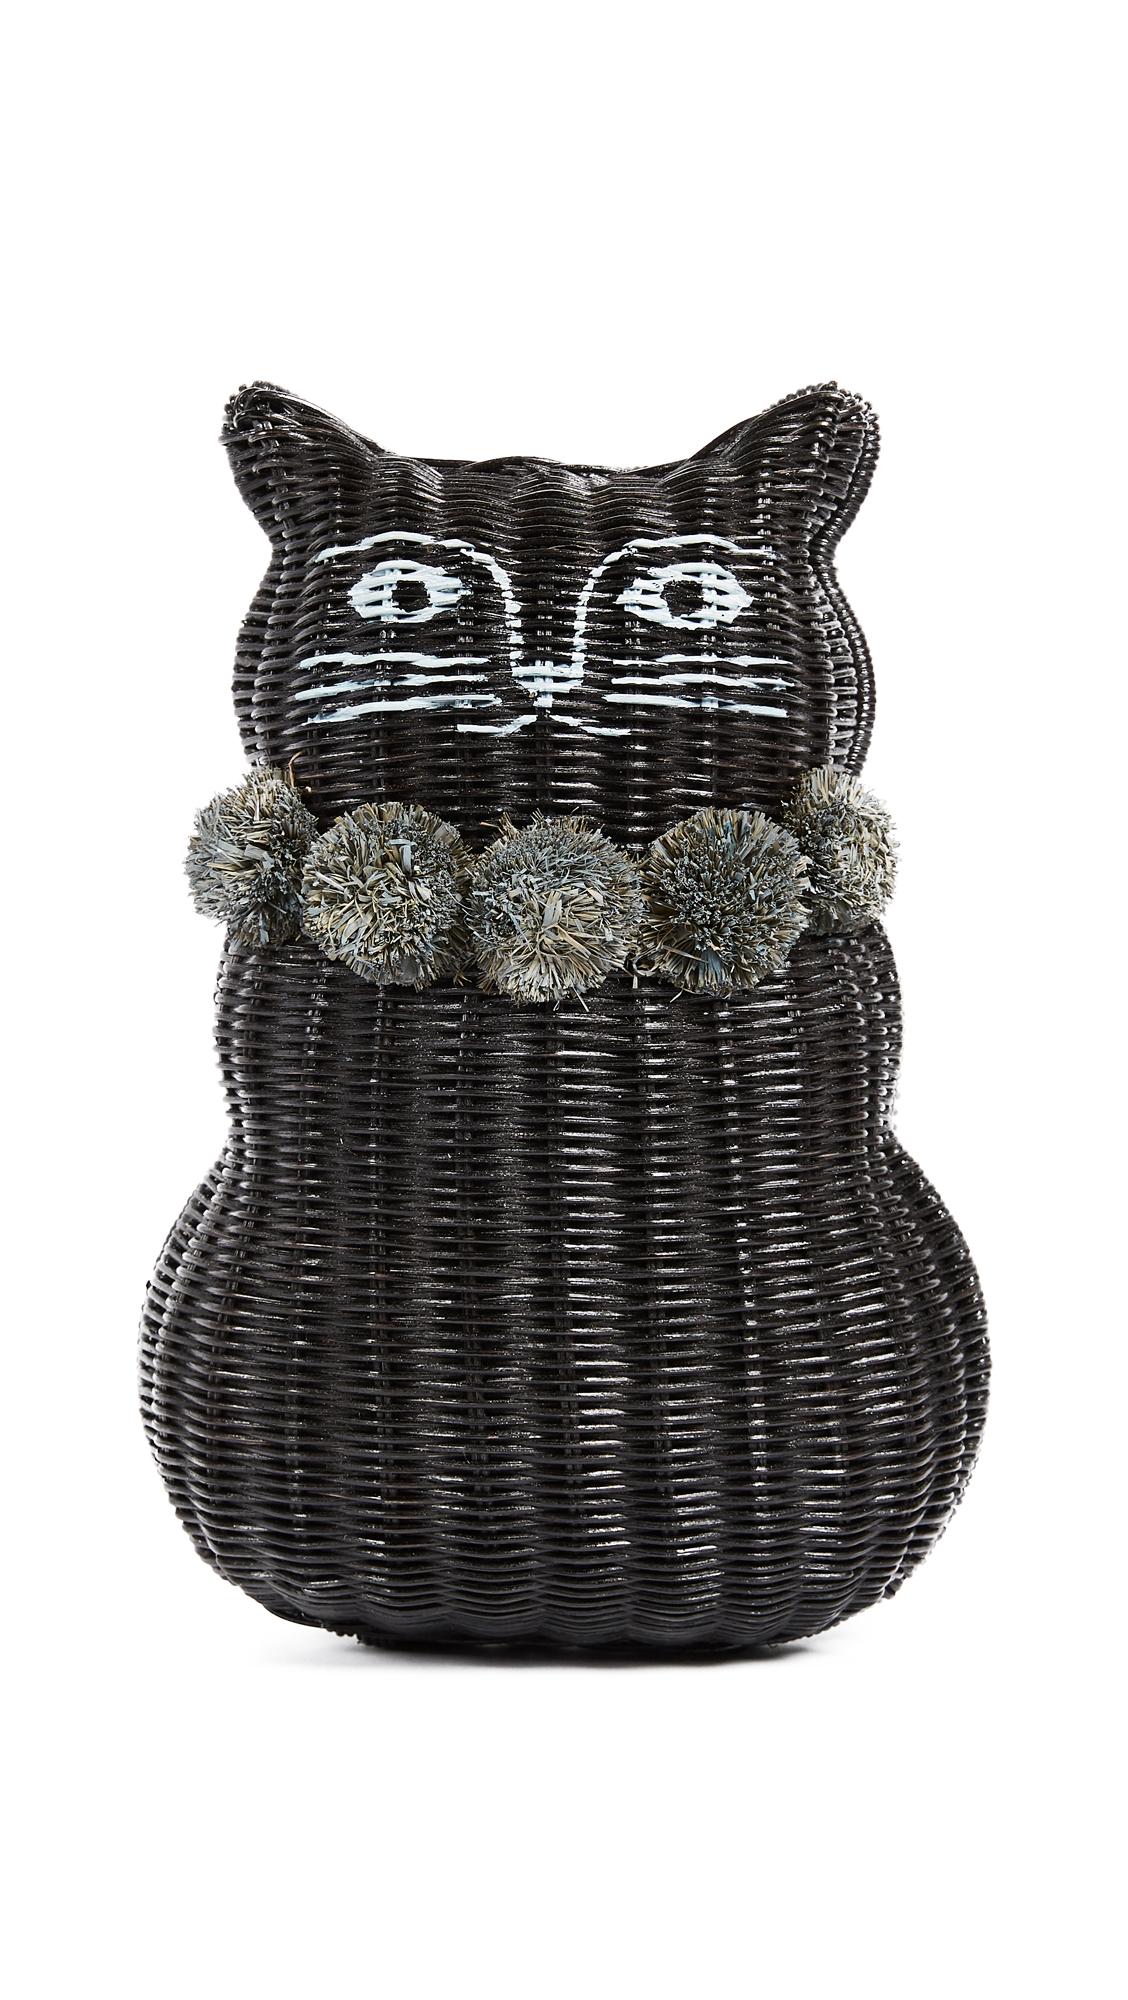 Serpui Marie Cat Wicker Clutch - Black